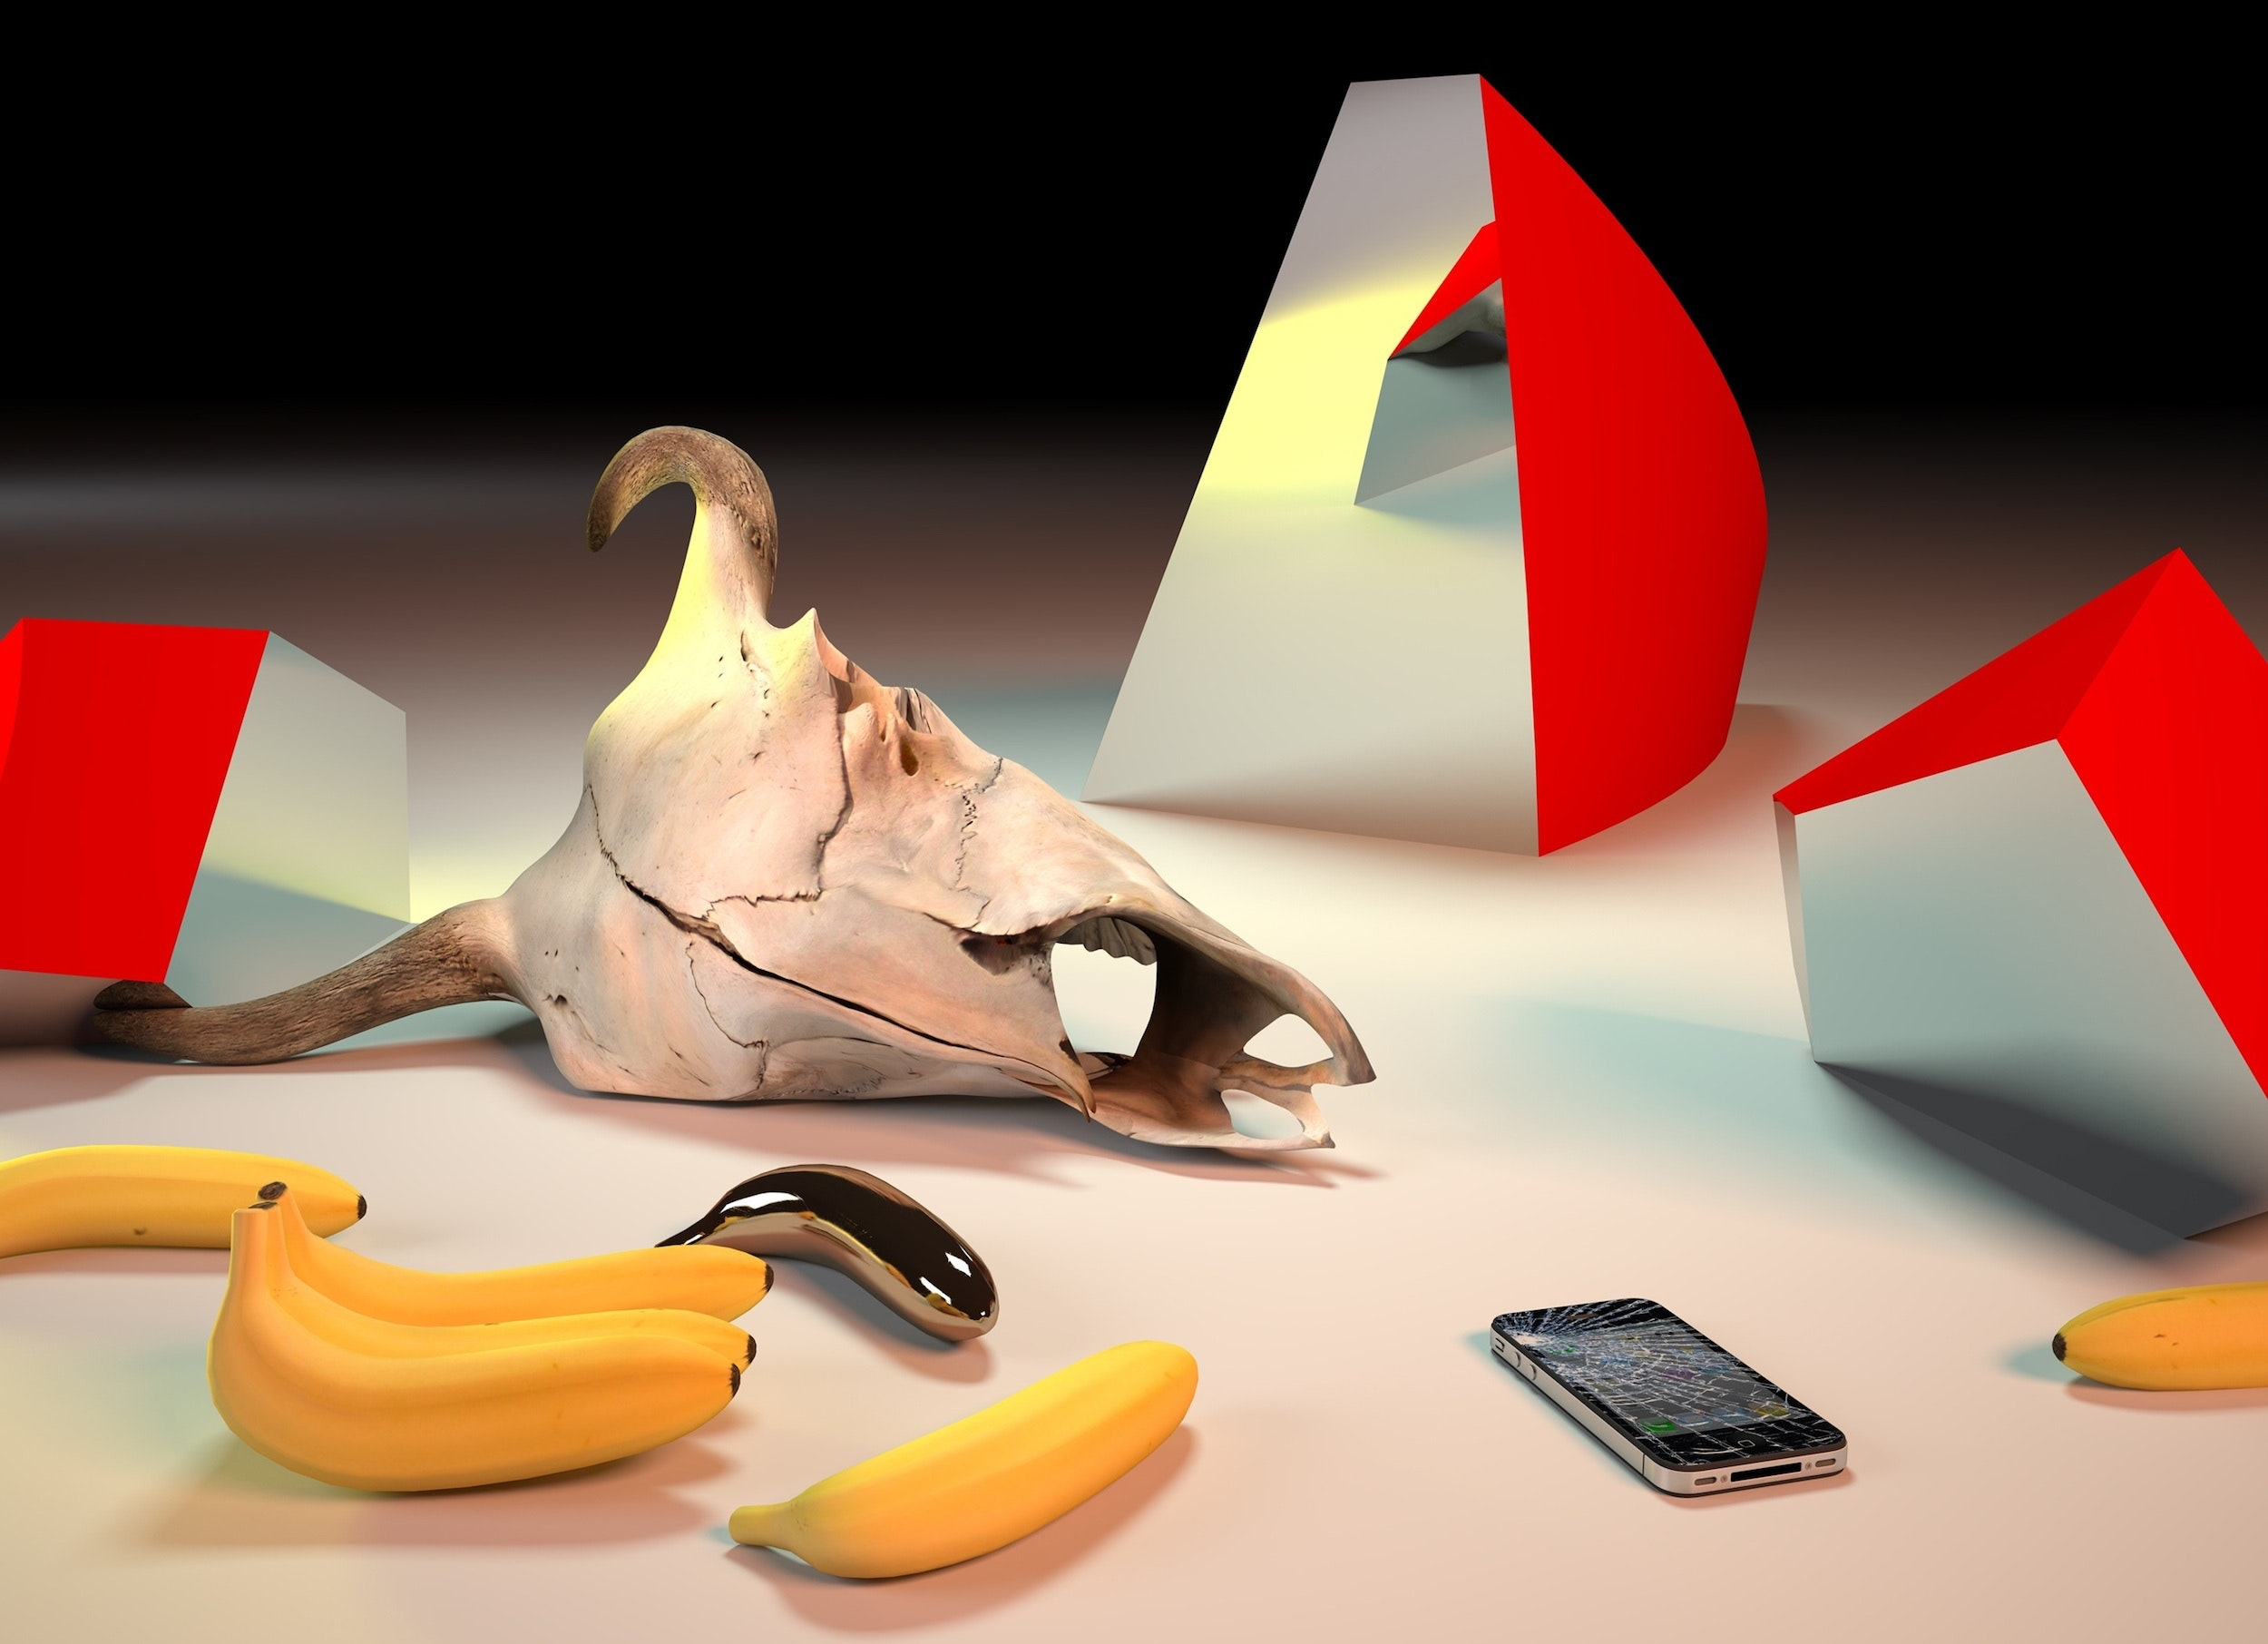 Tmu golden banana 2011 20